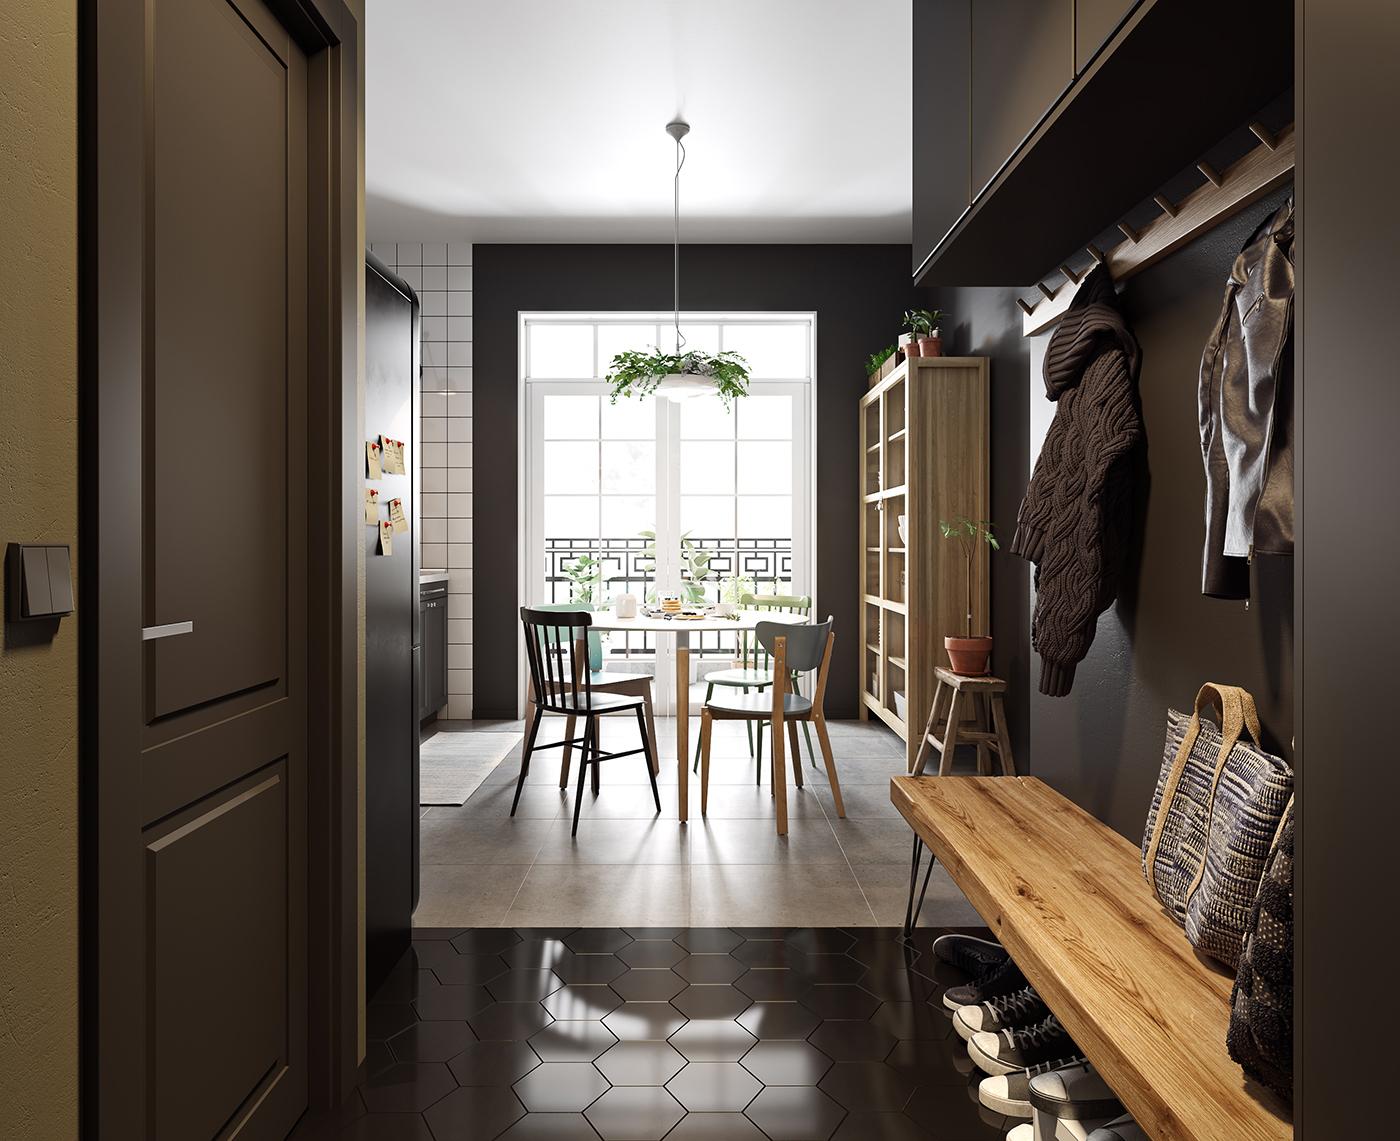 Đừng bỏ qua những ý tưởng này nếu bạn đang có dự định thiết kế một căn hộ studio nhỏ - Ảnh 13.